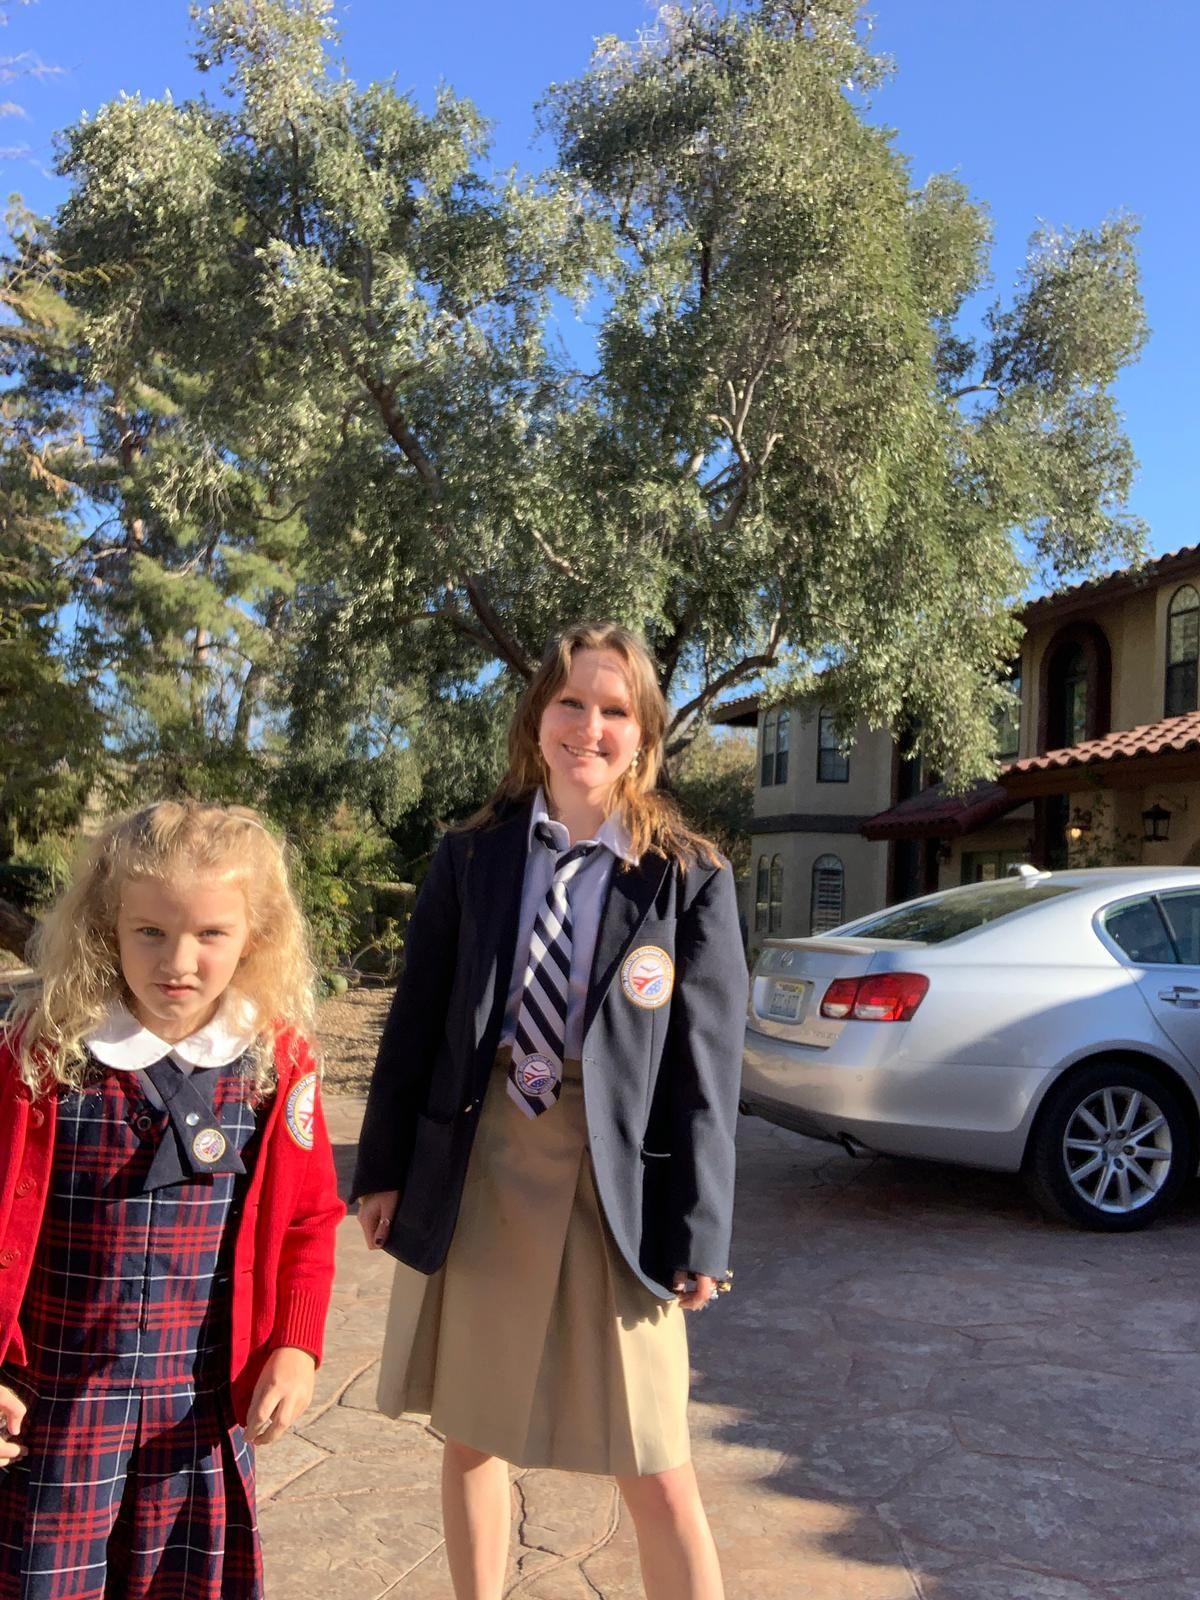 Teilnehmerin mit Gastschwester in Schuluniform